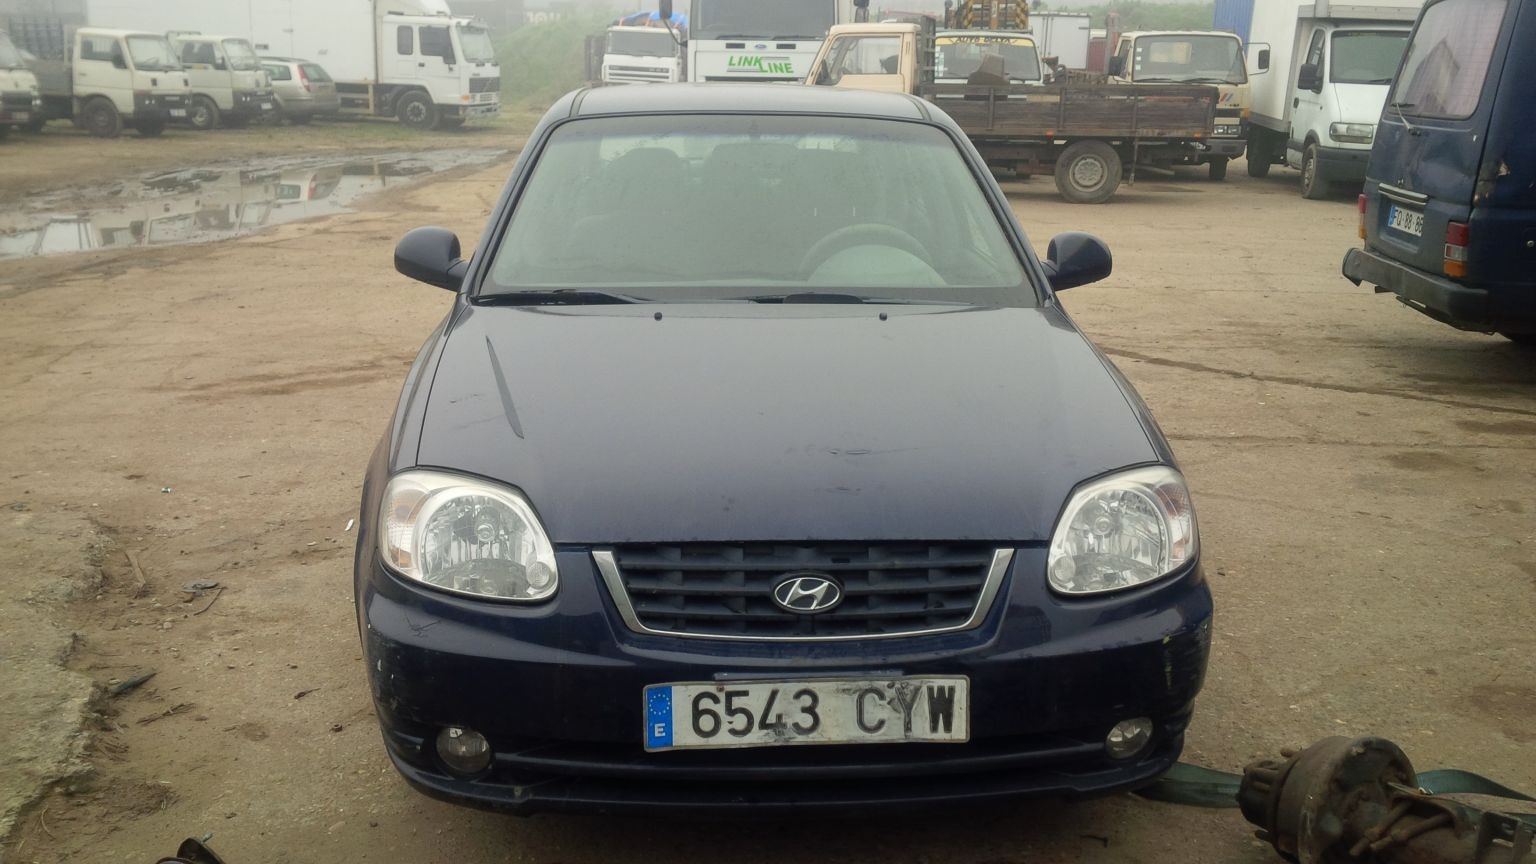 LHD Hyundai Accent